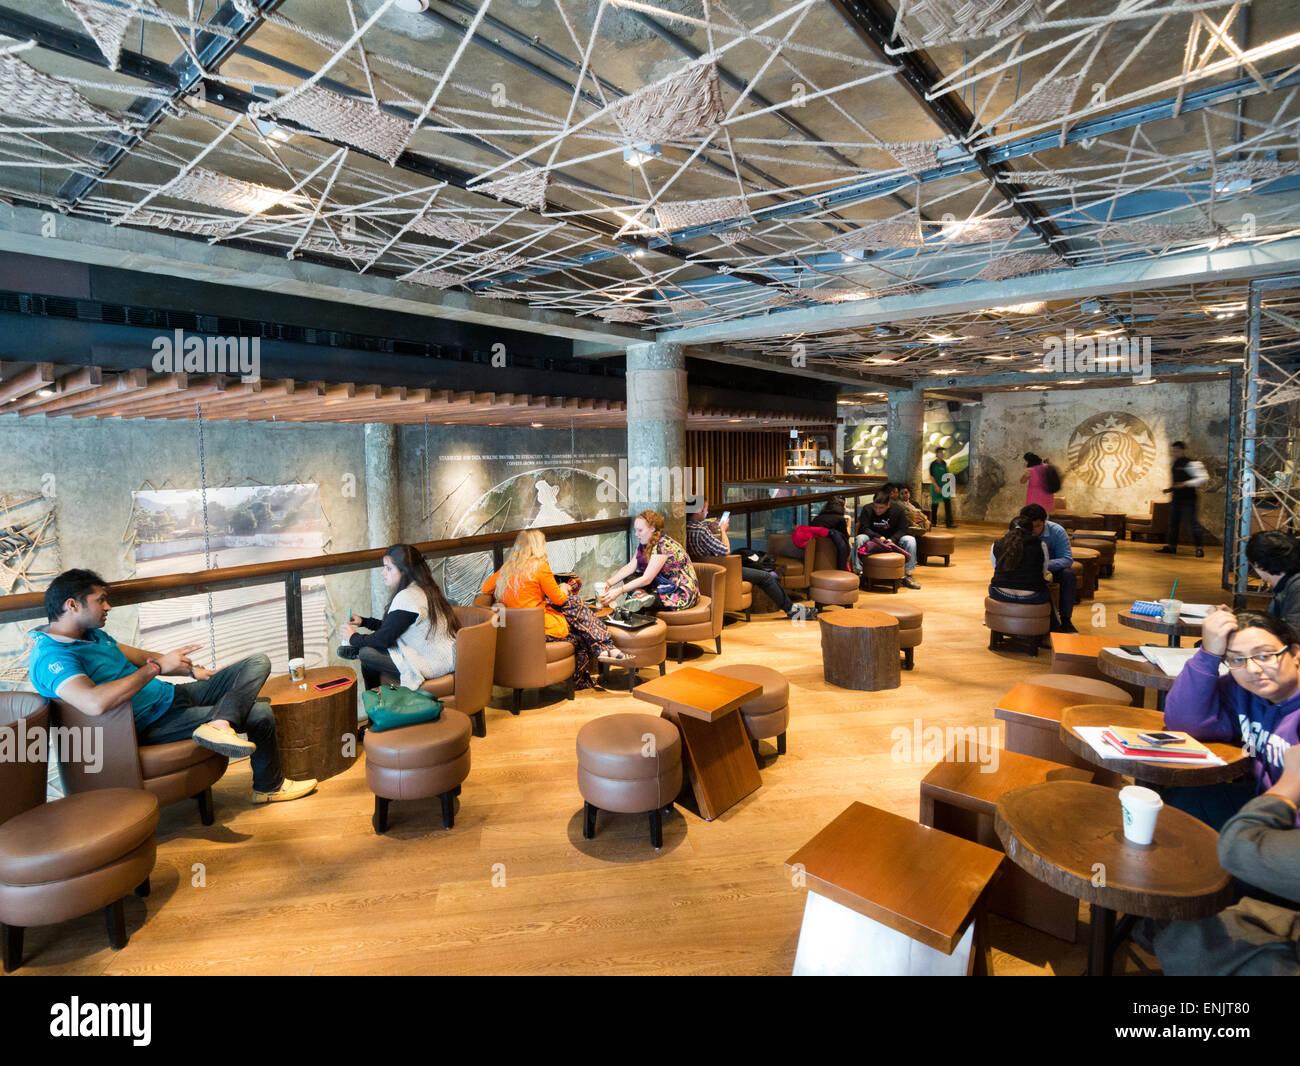 Starbucks in Delhi India Stock Photo